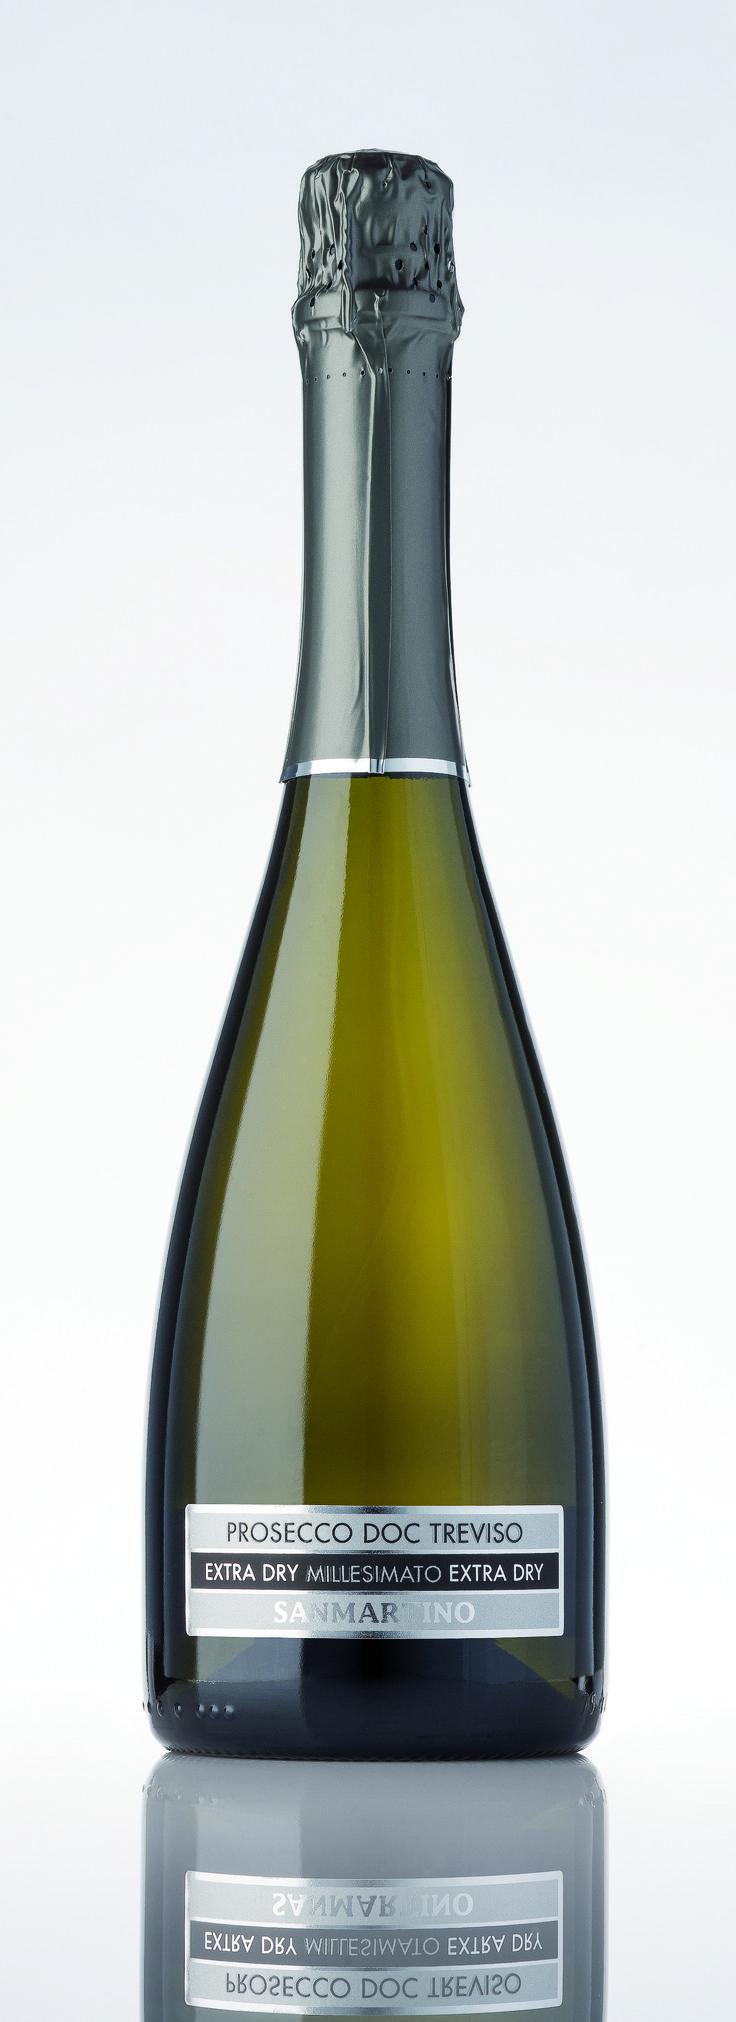 Prosecco doc millesimato extra dry spumante wine label etichette serigrafiche